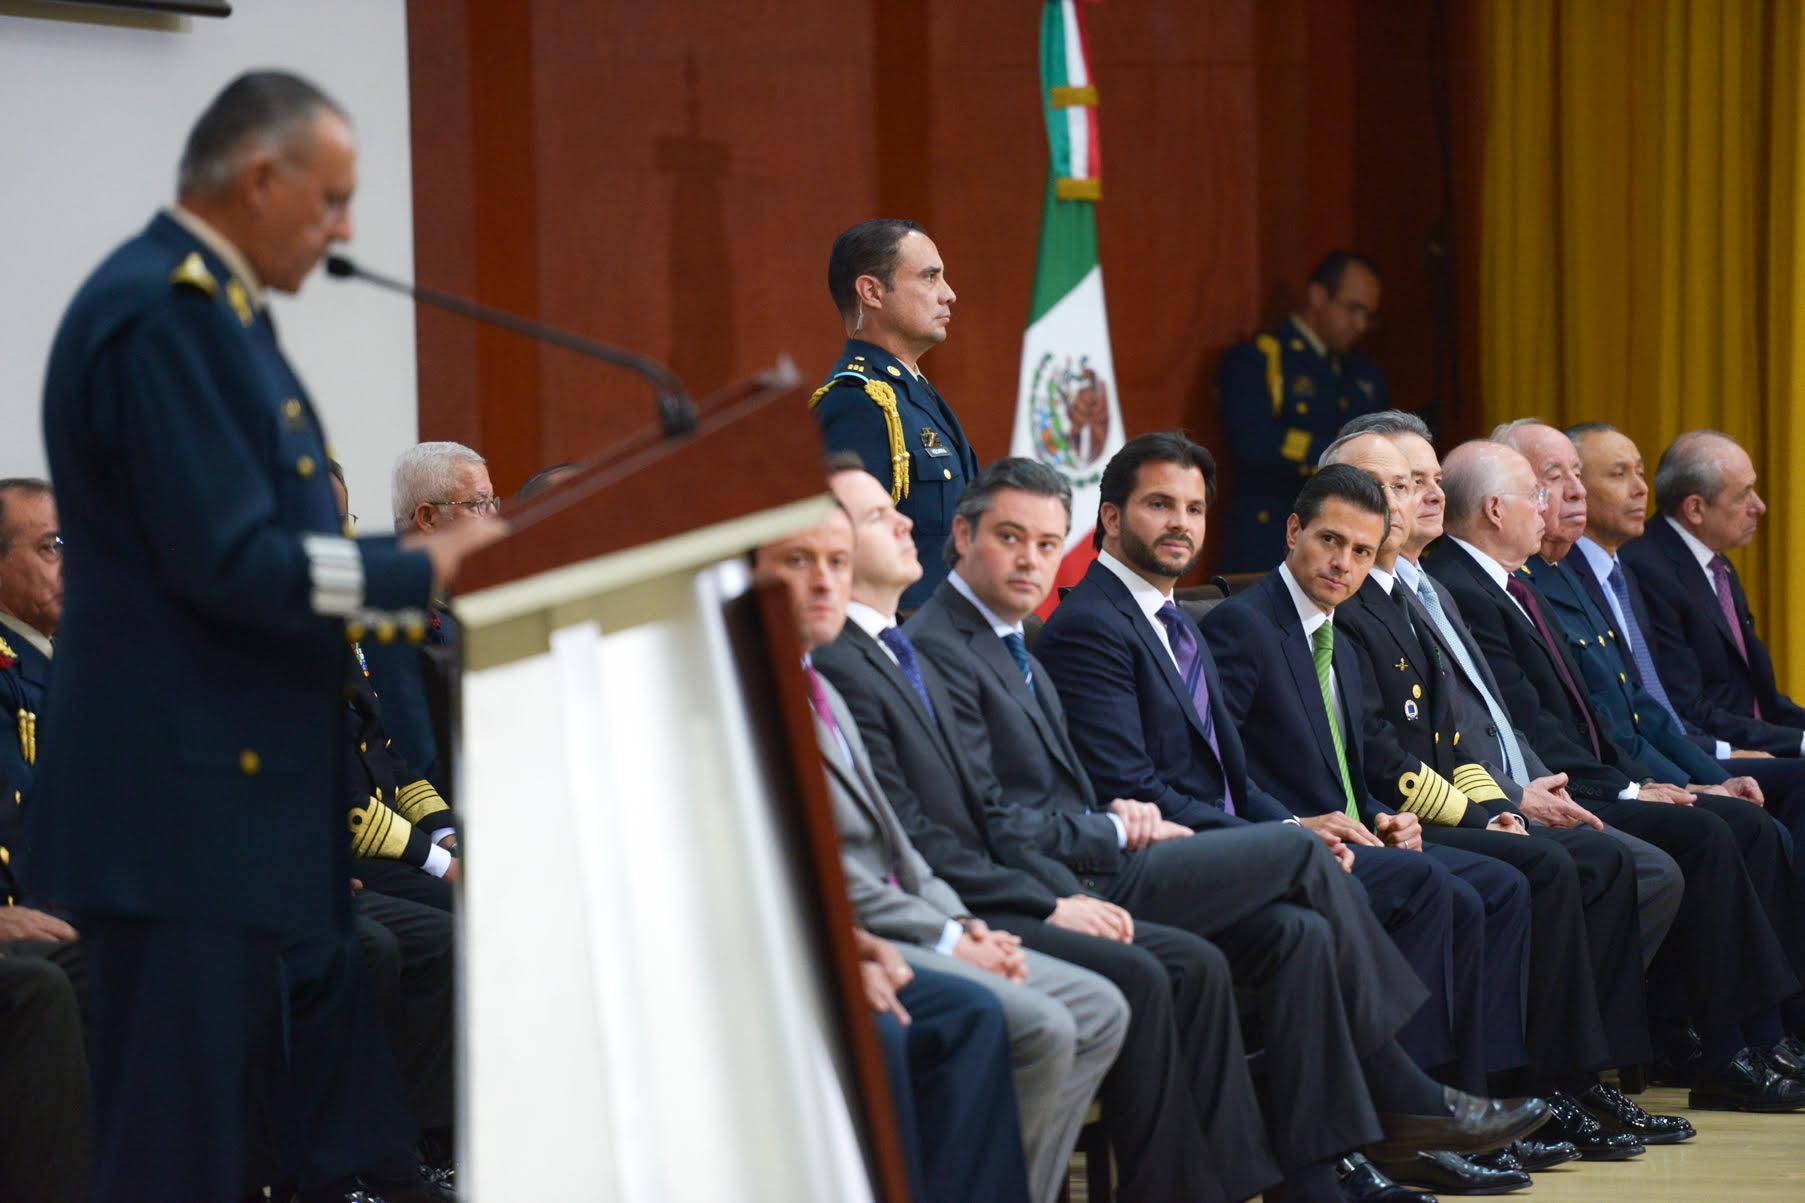 Estás instalaciones fortalecen al servicio de sanidad militar y a las Fuerzas Armadas, para beneficio de todos los mexicanos, dijo el General Salvador Cienfuegos Zepeda.